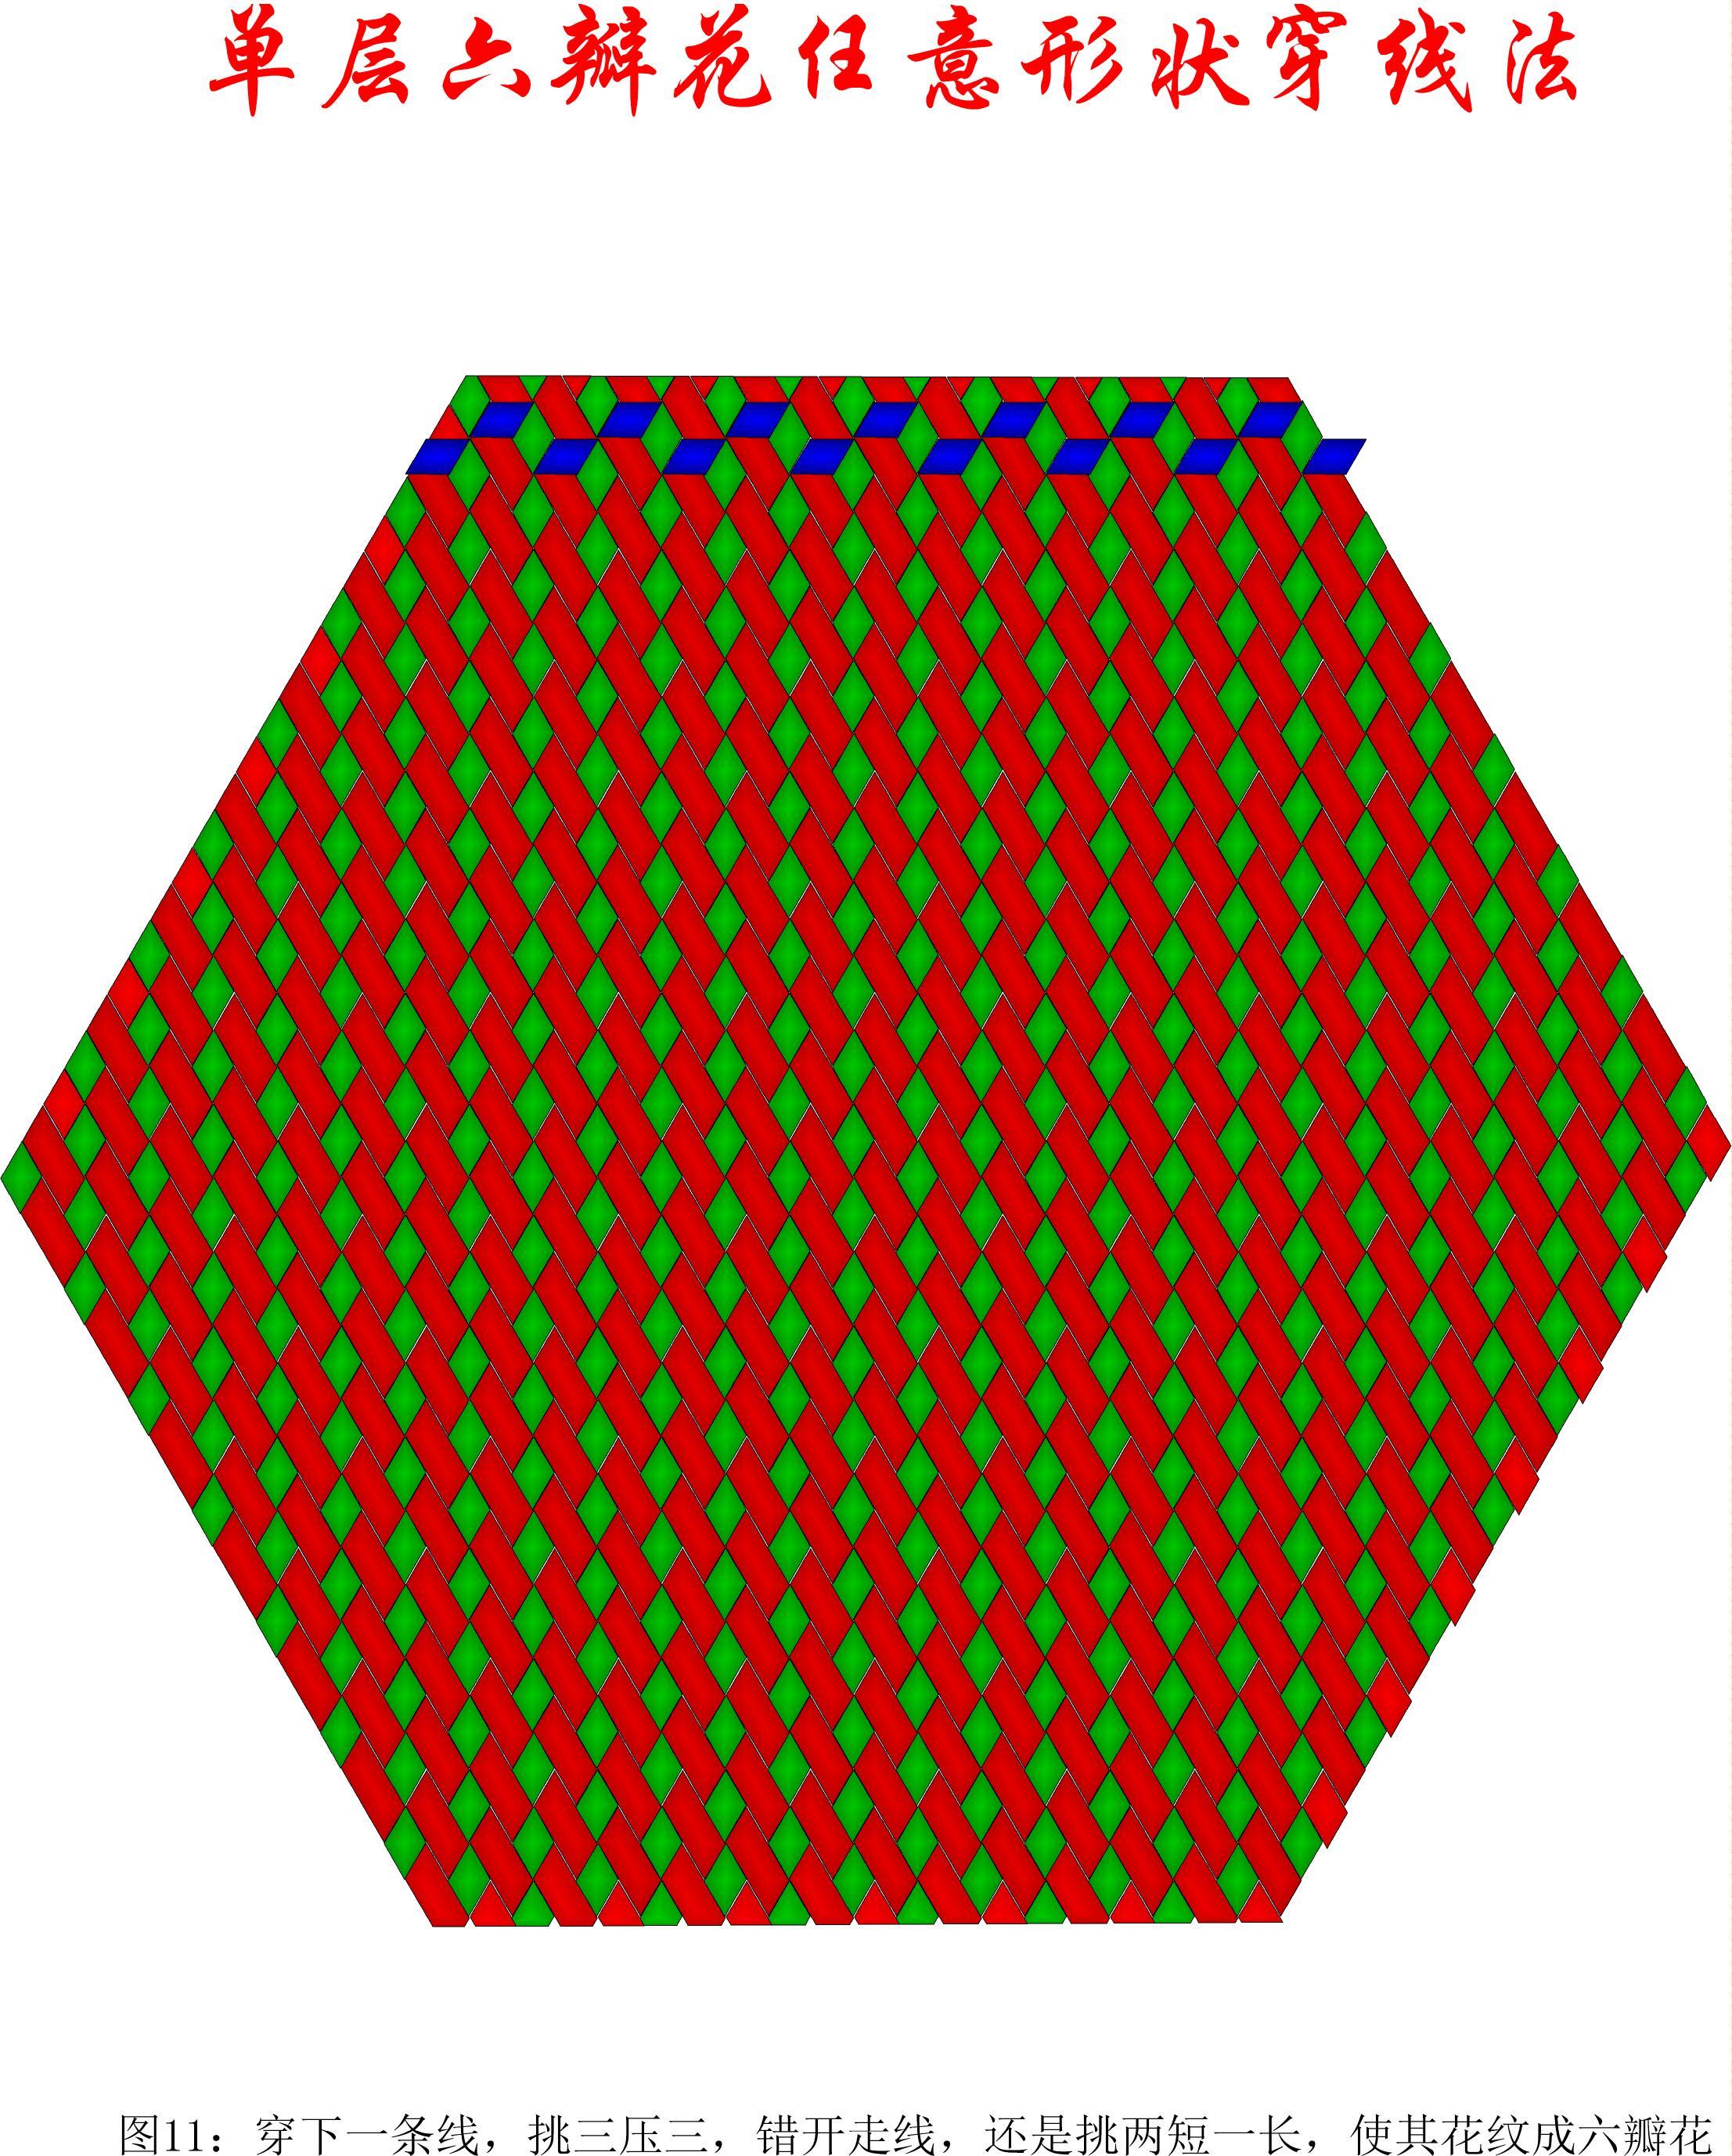 中国结论坛 单层叠压六瓣花任意形状穿线方法 1264,盘长结 丑丑徒手编结 200906d8tqqpbnbyrqeoqf